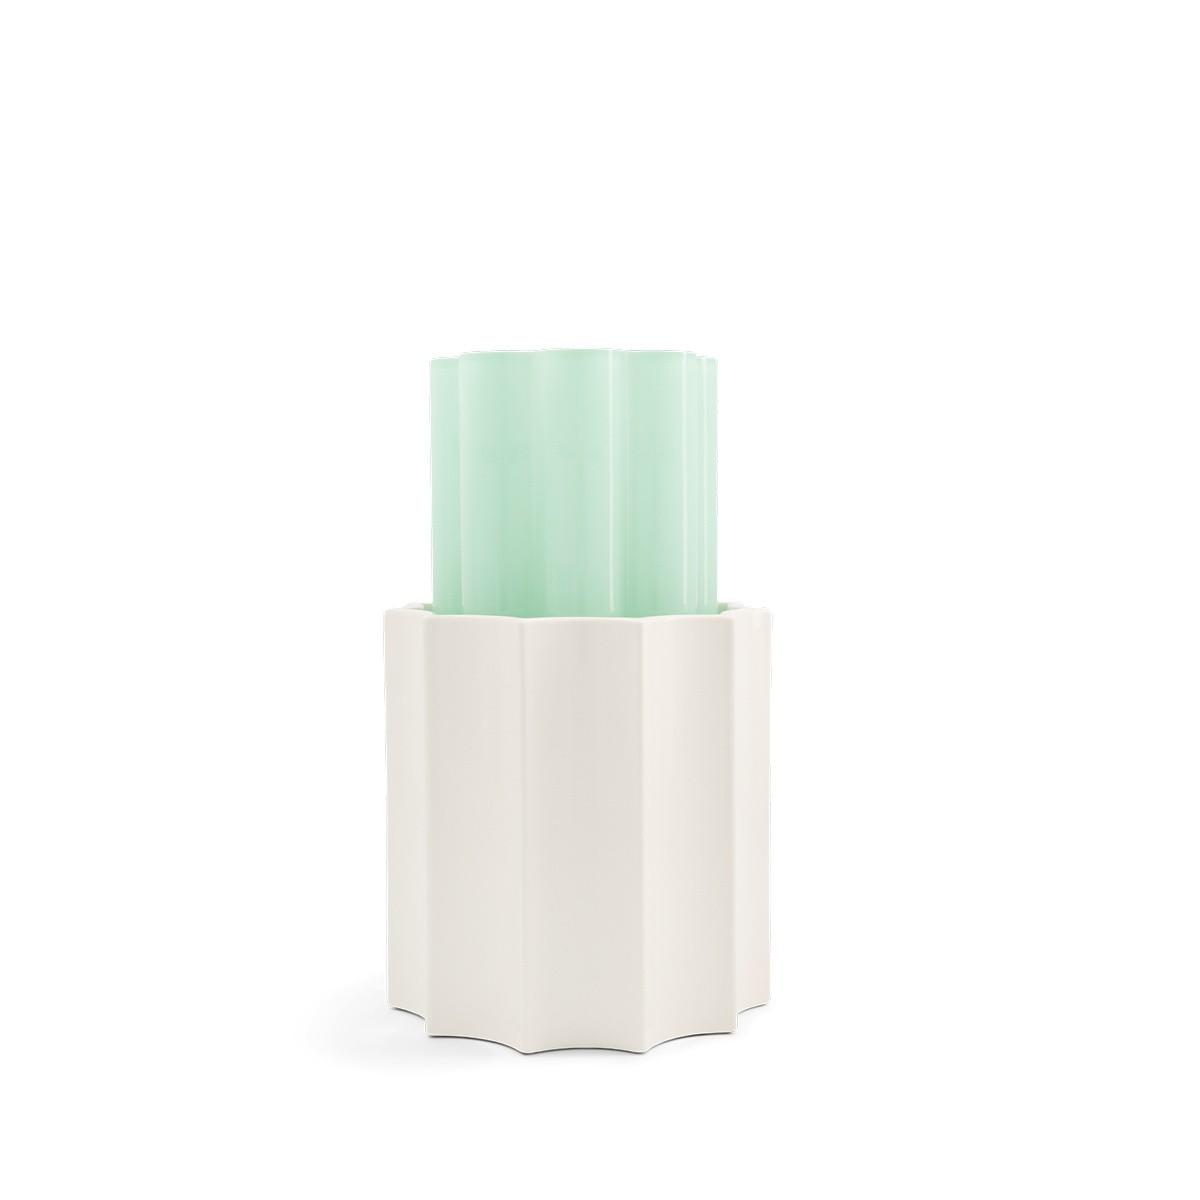 Vase Duetto vert anis et blanc